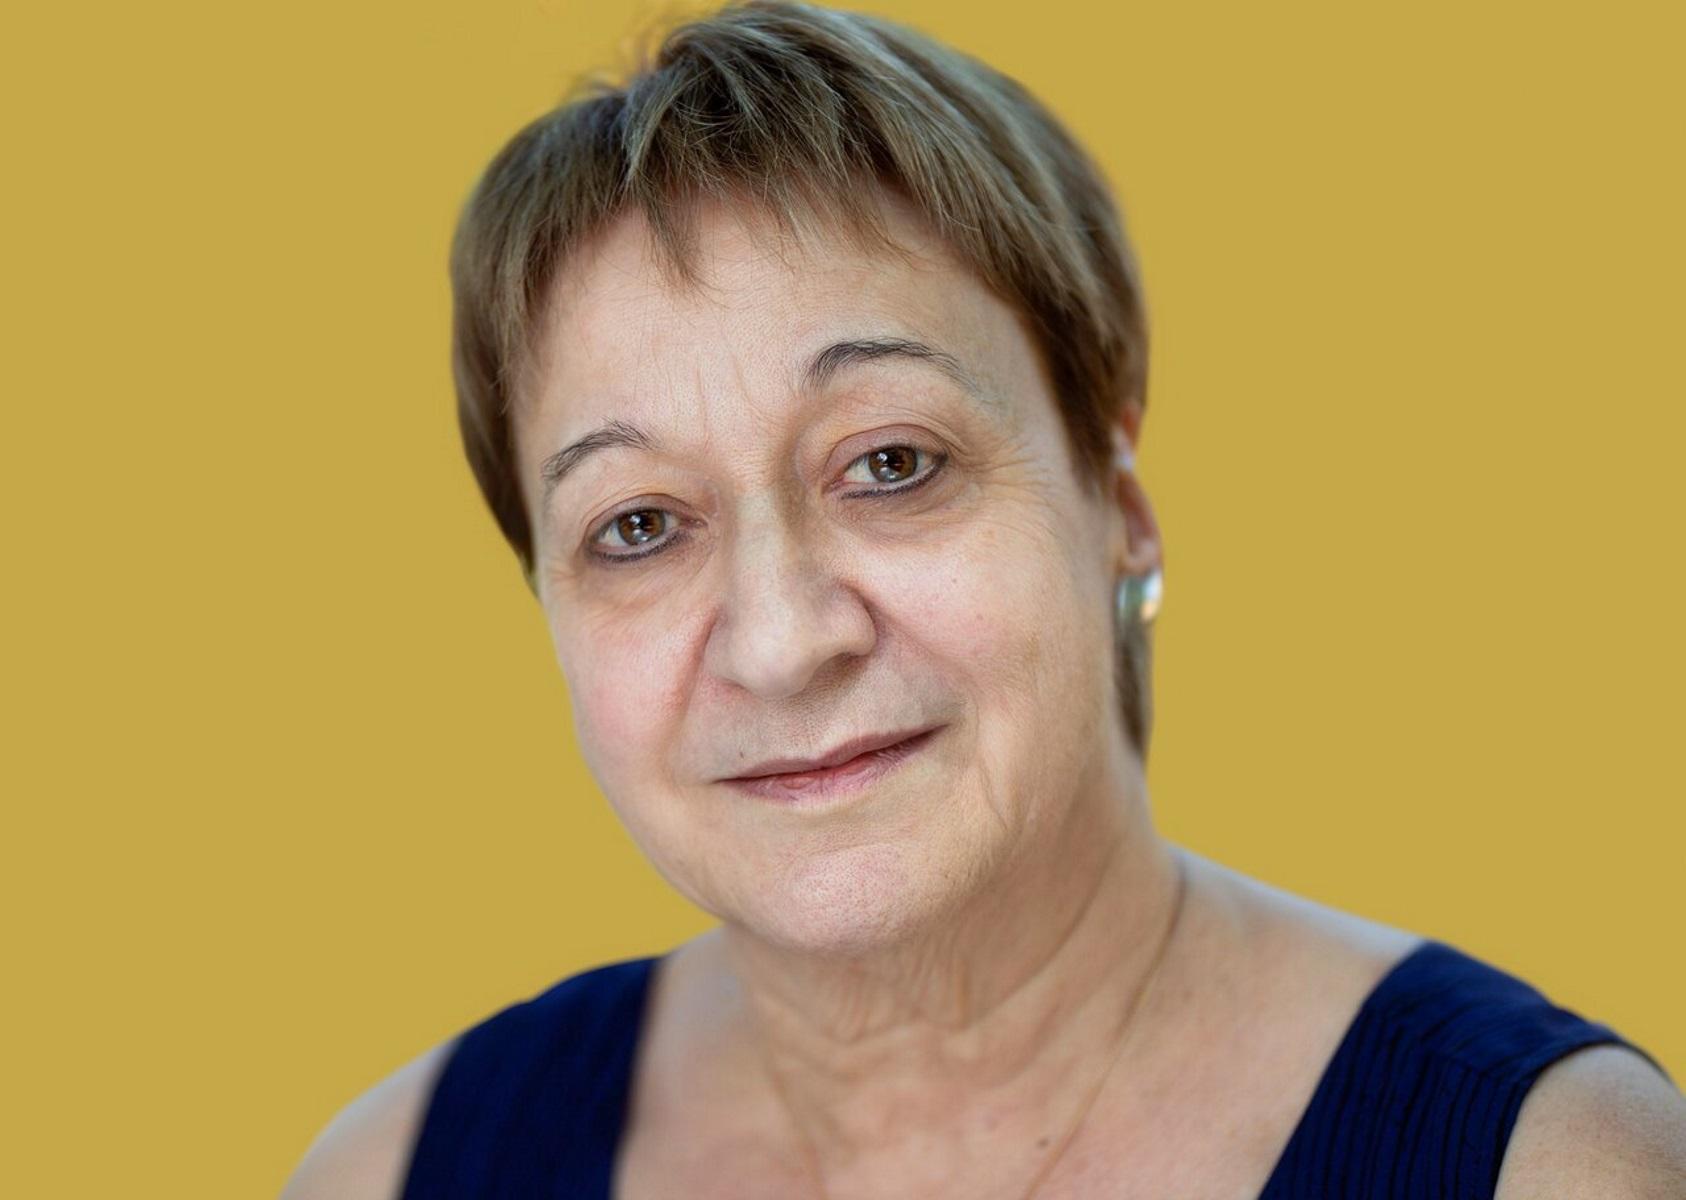 Στην Ελληνίδα αστροφυσικό Χρύσα Κουβελιώτου και τη Βικτόρια Κάσπι το διεθνές βραβείο Αστρονομίας